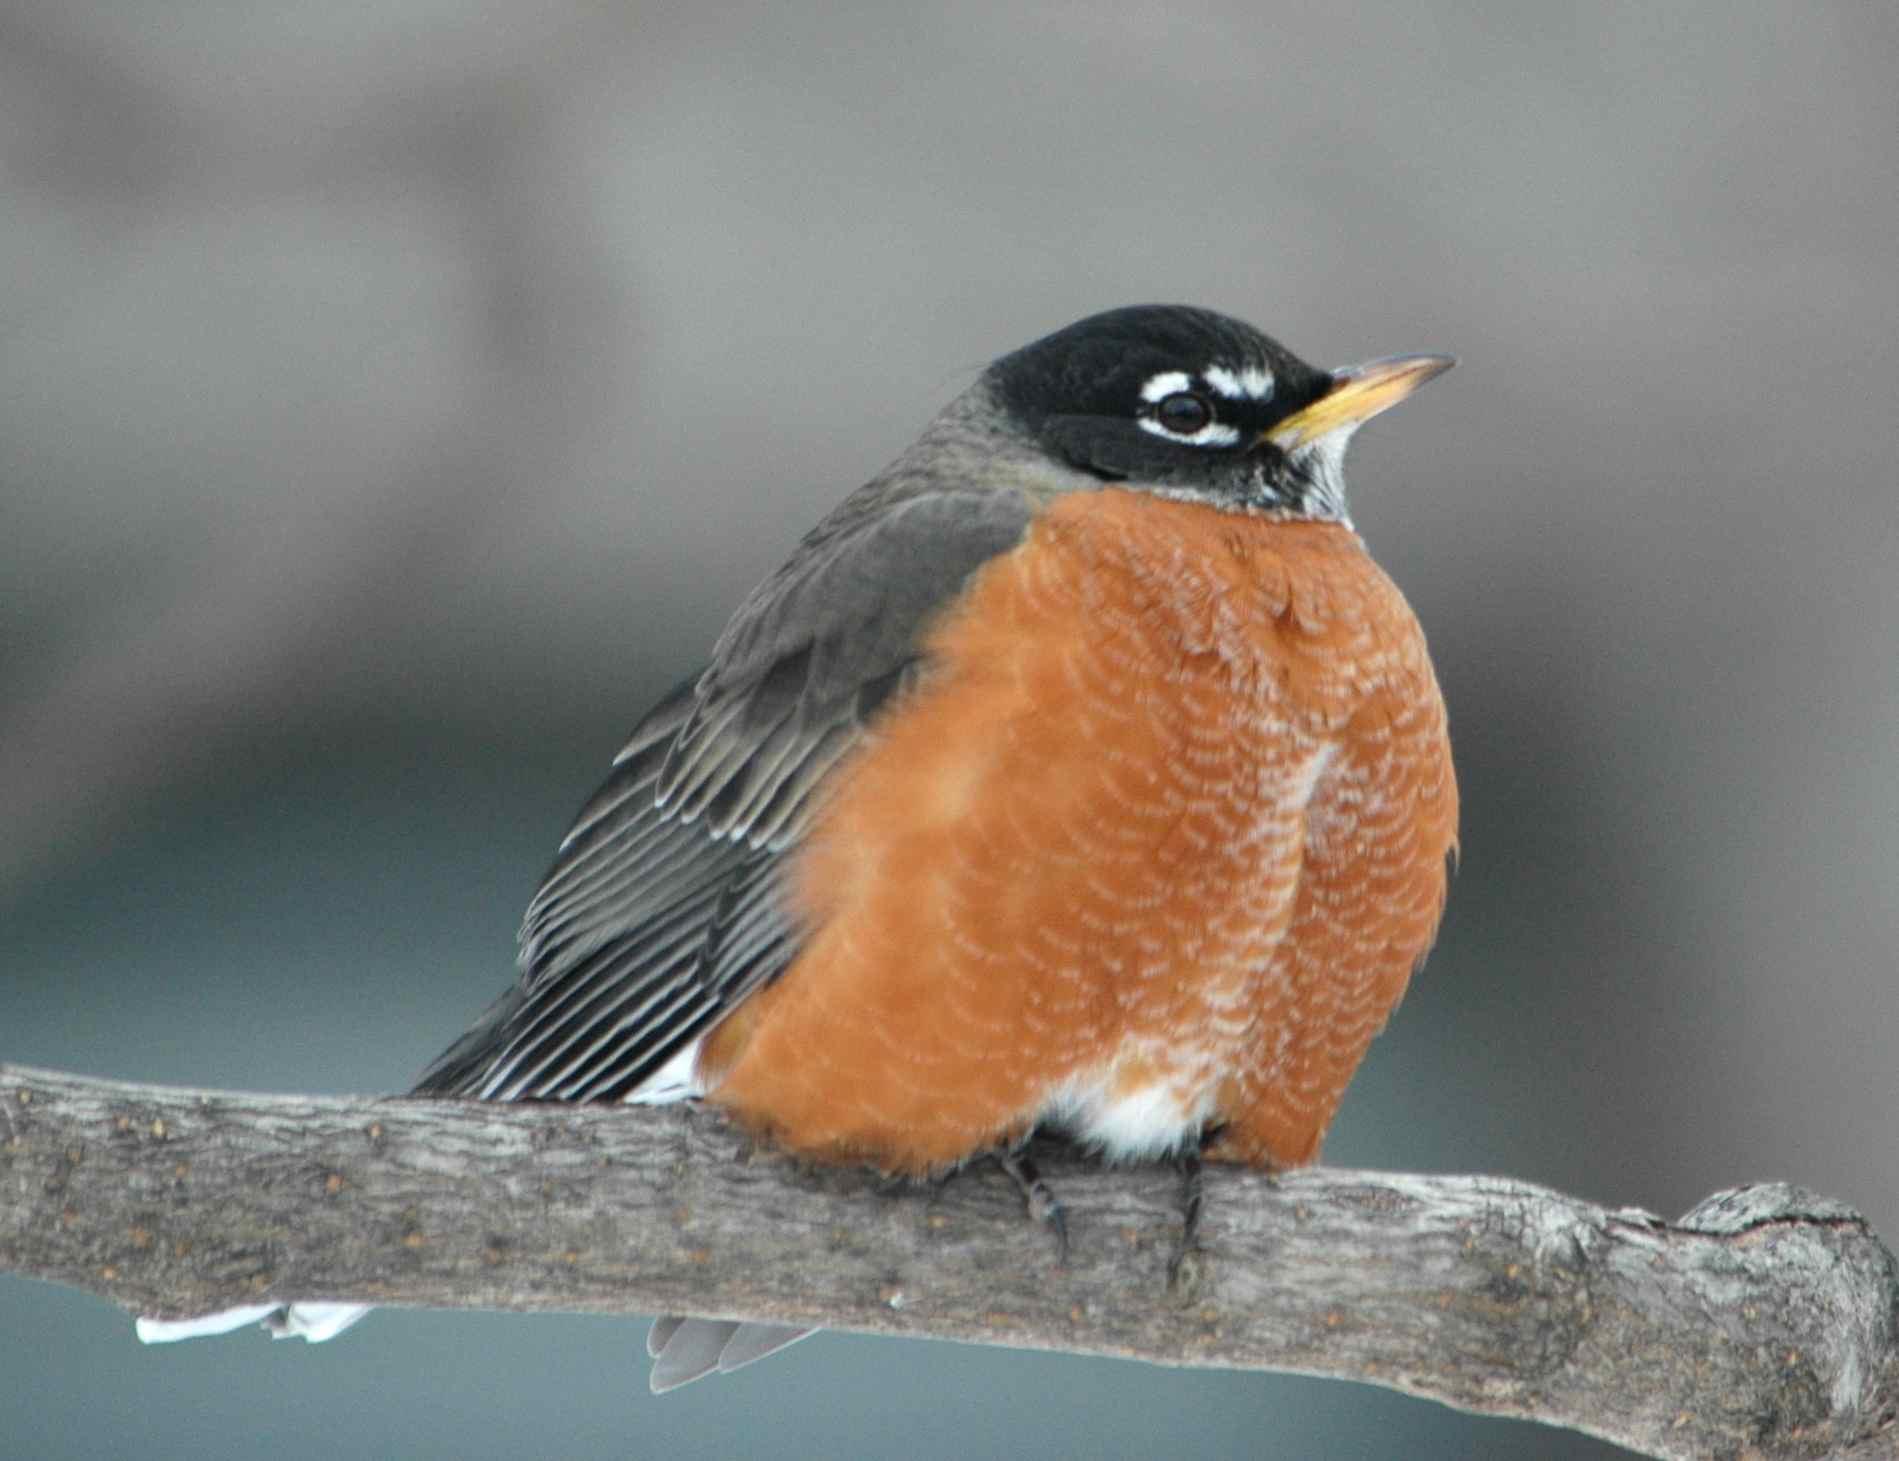 Robins volando hacia el norte antes, dicen los investigadores | Estado & amp; Regional | Missoulian.com